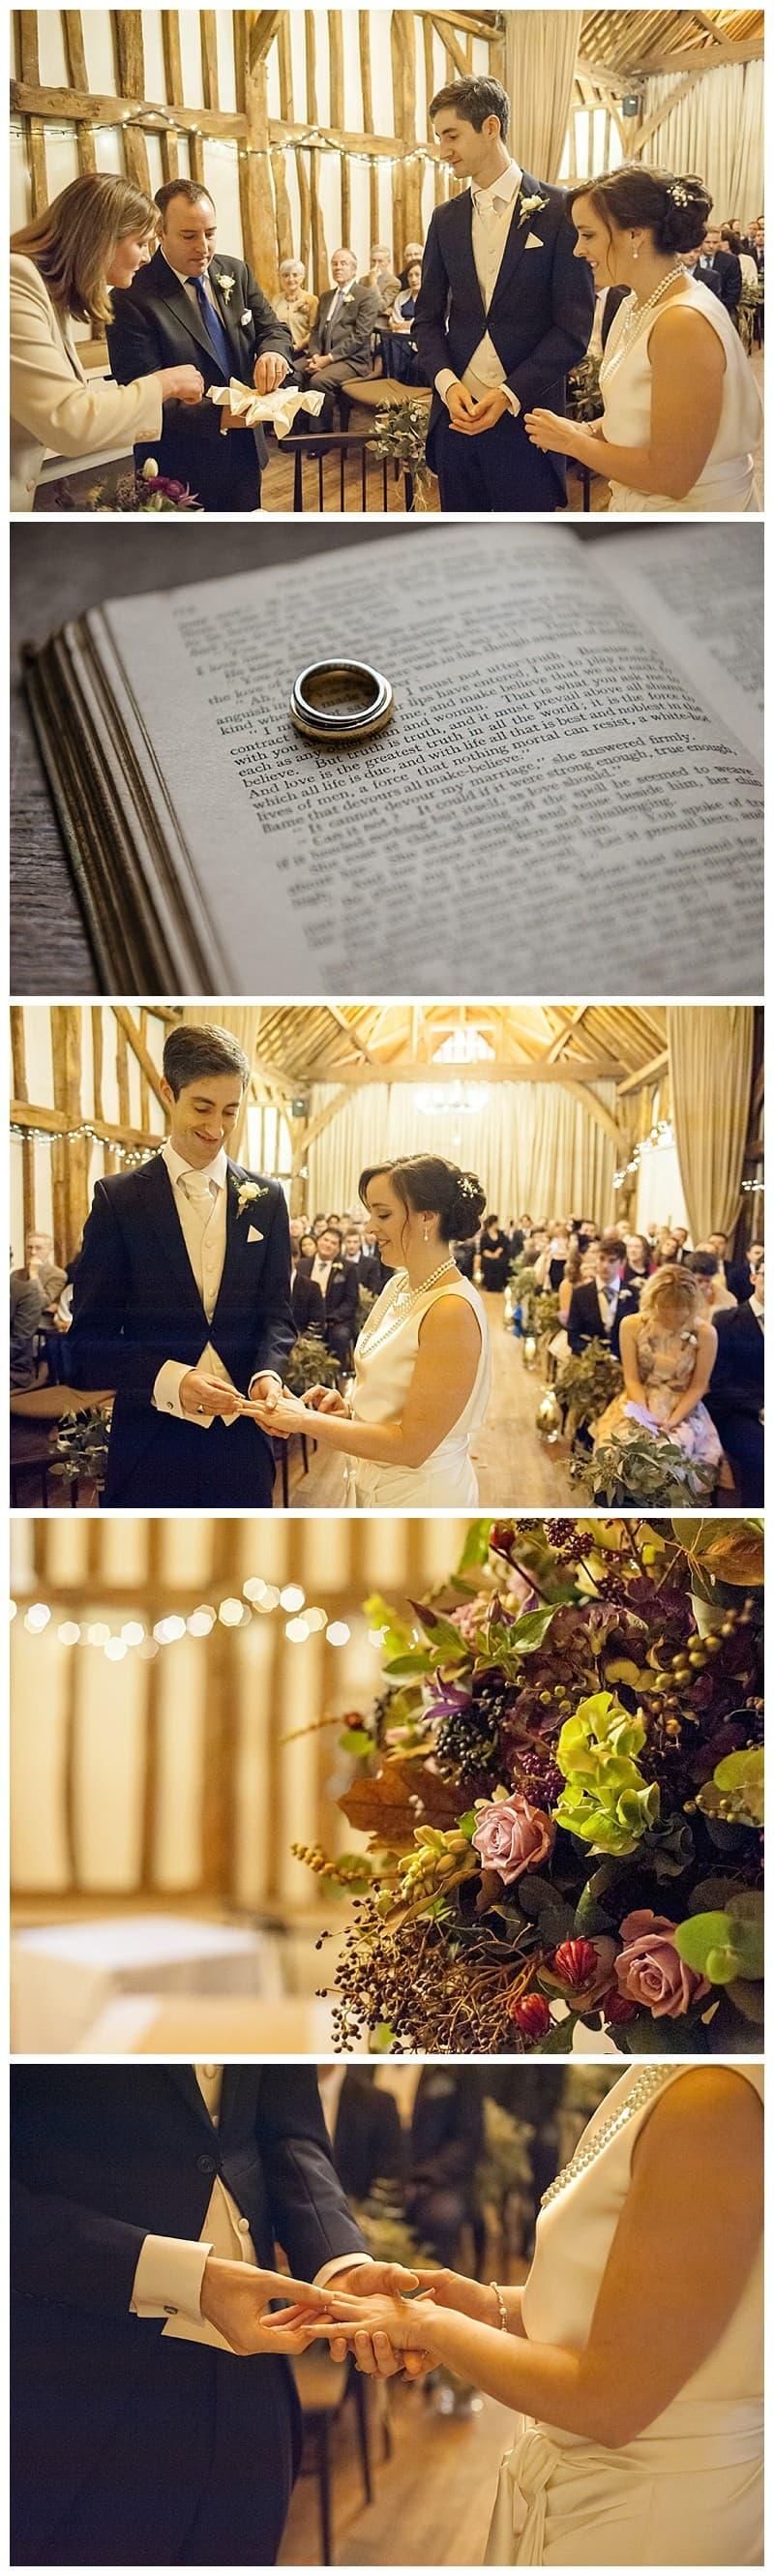 Stuart & Deborah, The Olde Bell, Hurley Wedding, Benjamin Wetherall Photography0046